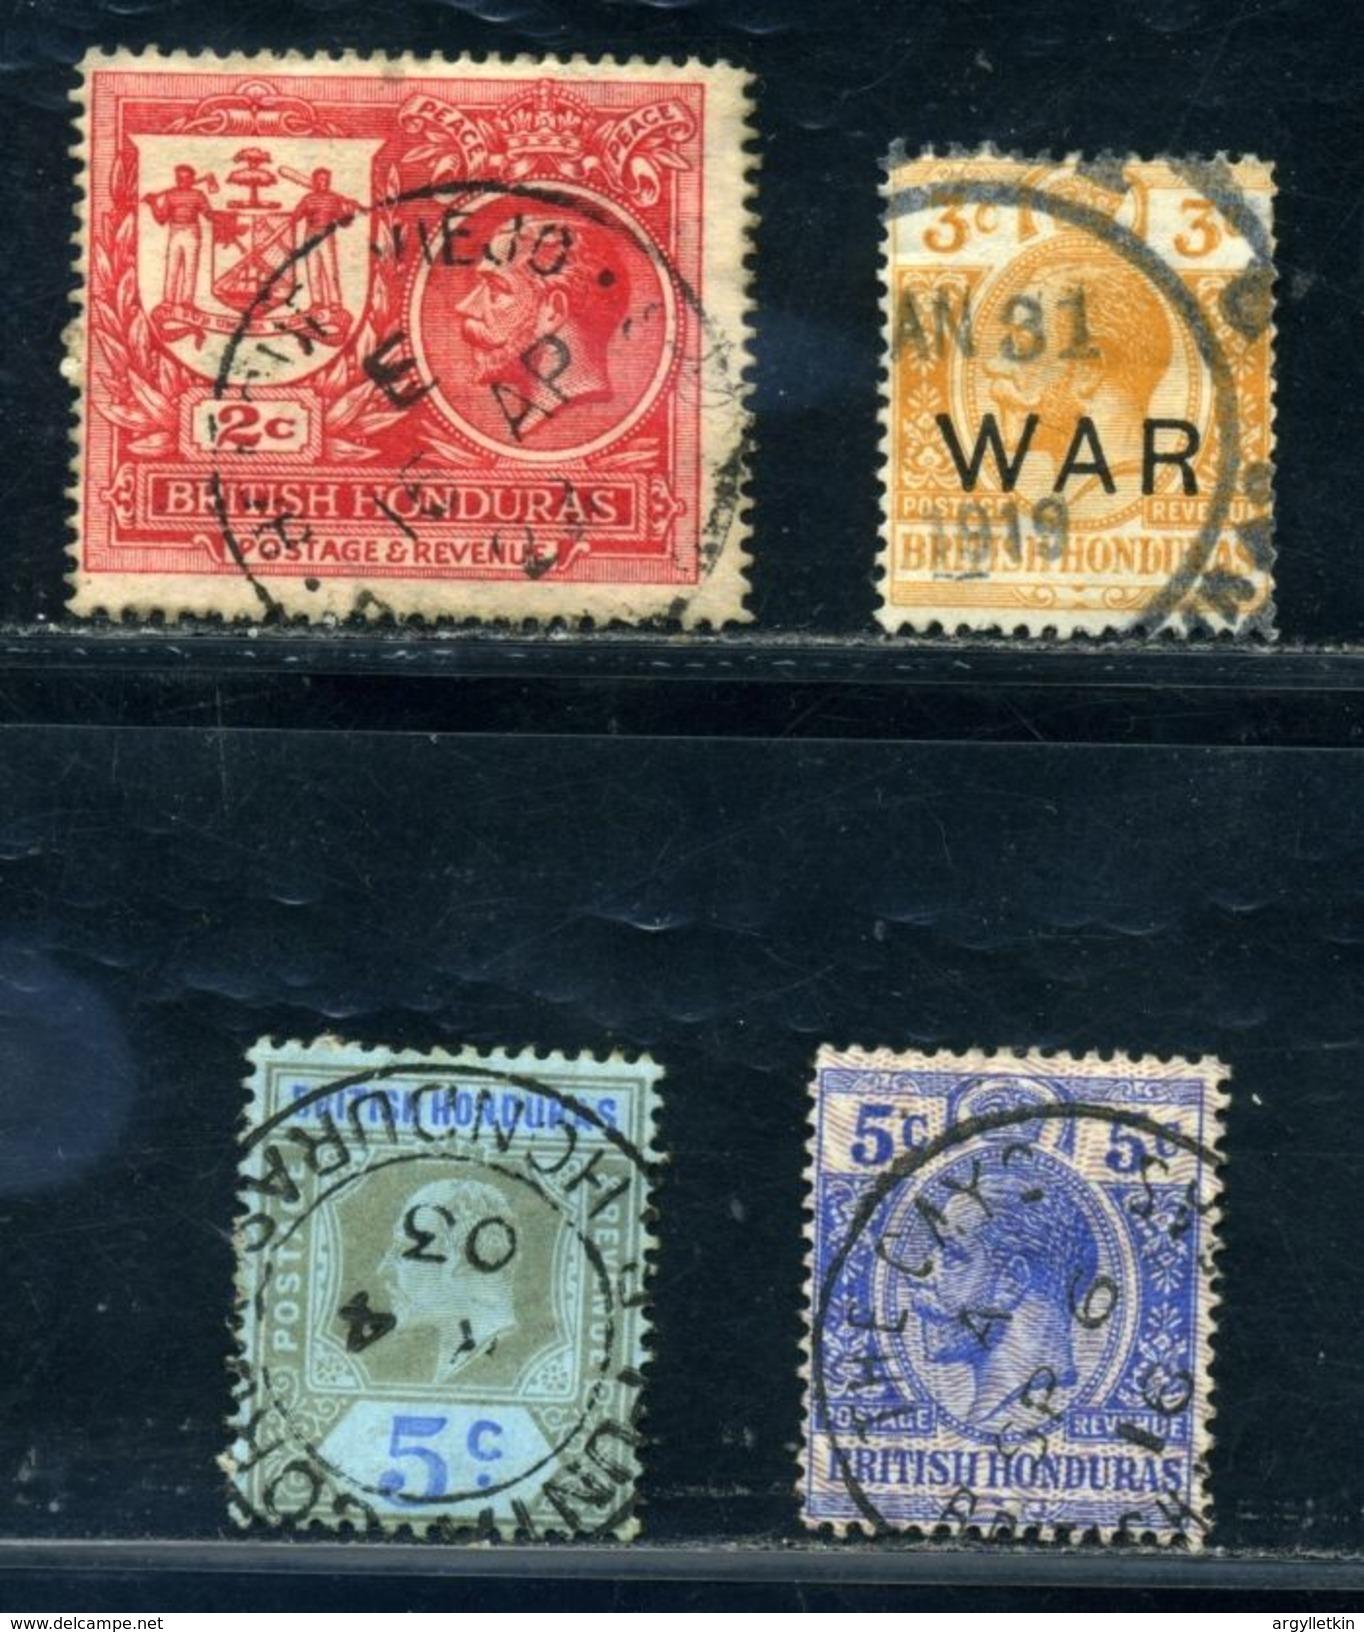 BRITISH HONDURAS AMAZING KG7 AND KG5 POSTMARK! - British Honduras (...-1970)